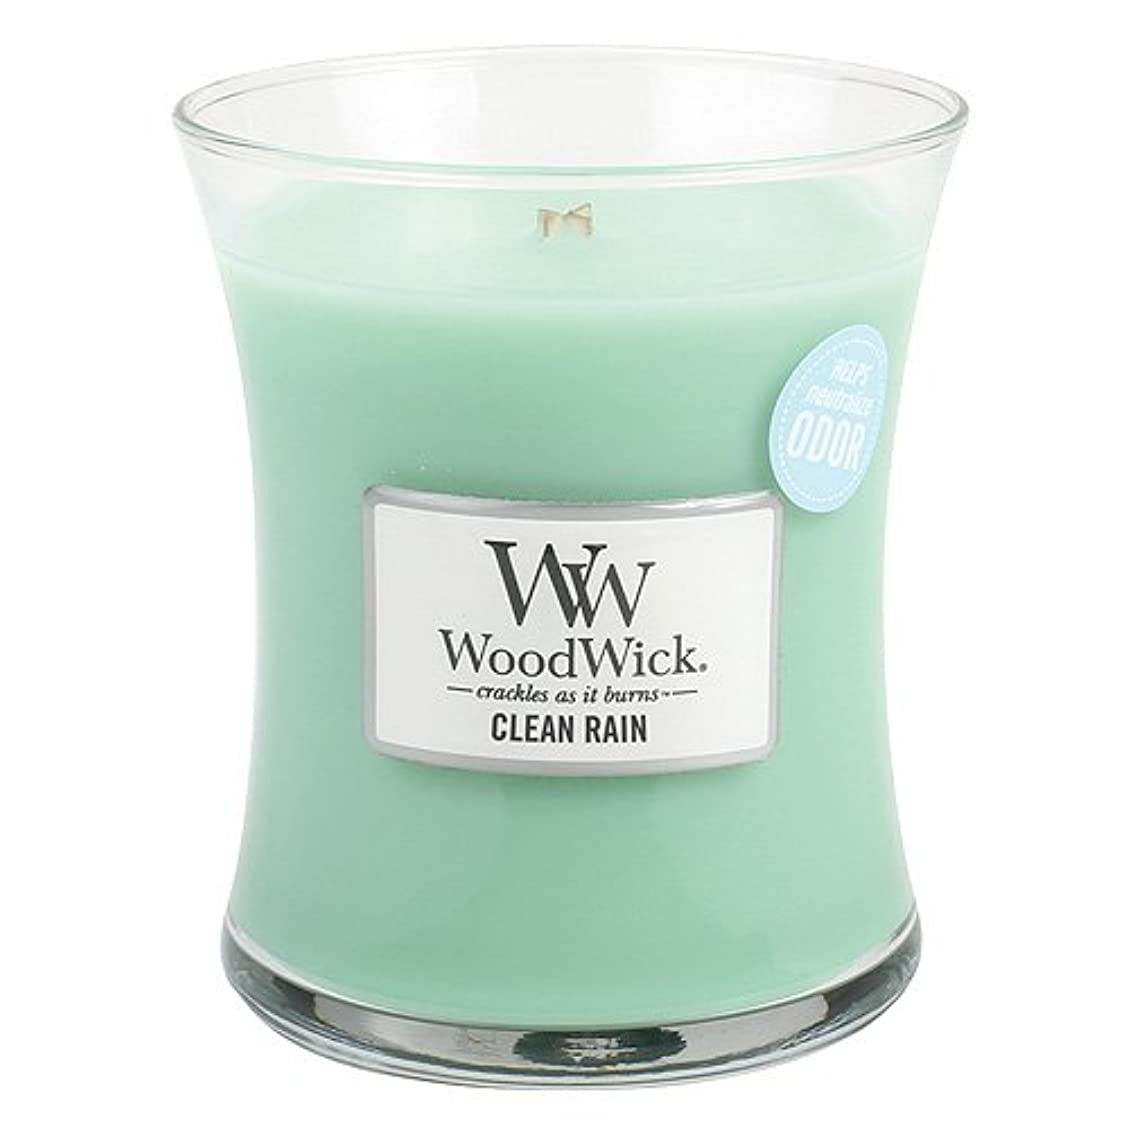 好色な融合レバークリーン雨WoodWick ODOR NEUTRALIZING 9.7オンス香りつきJar Candle